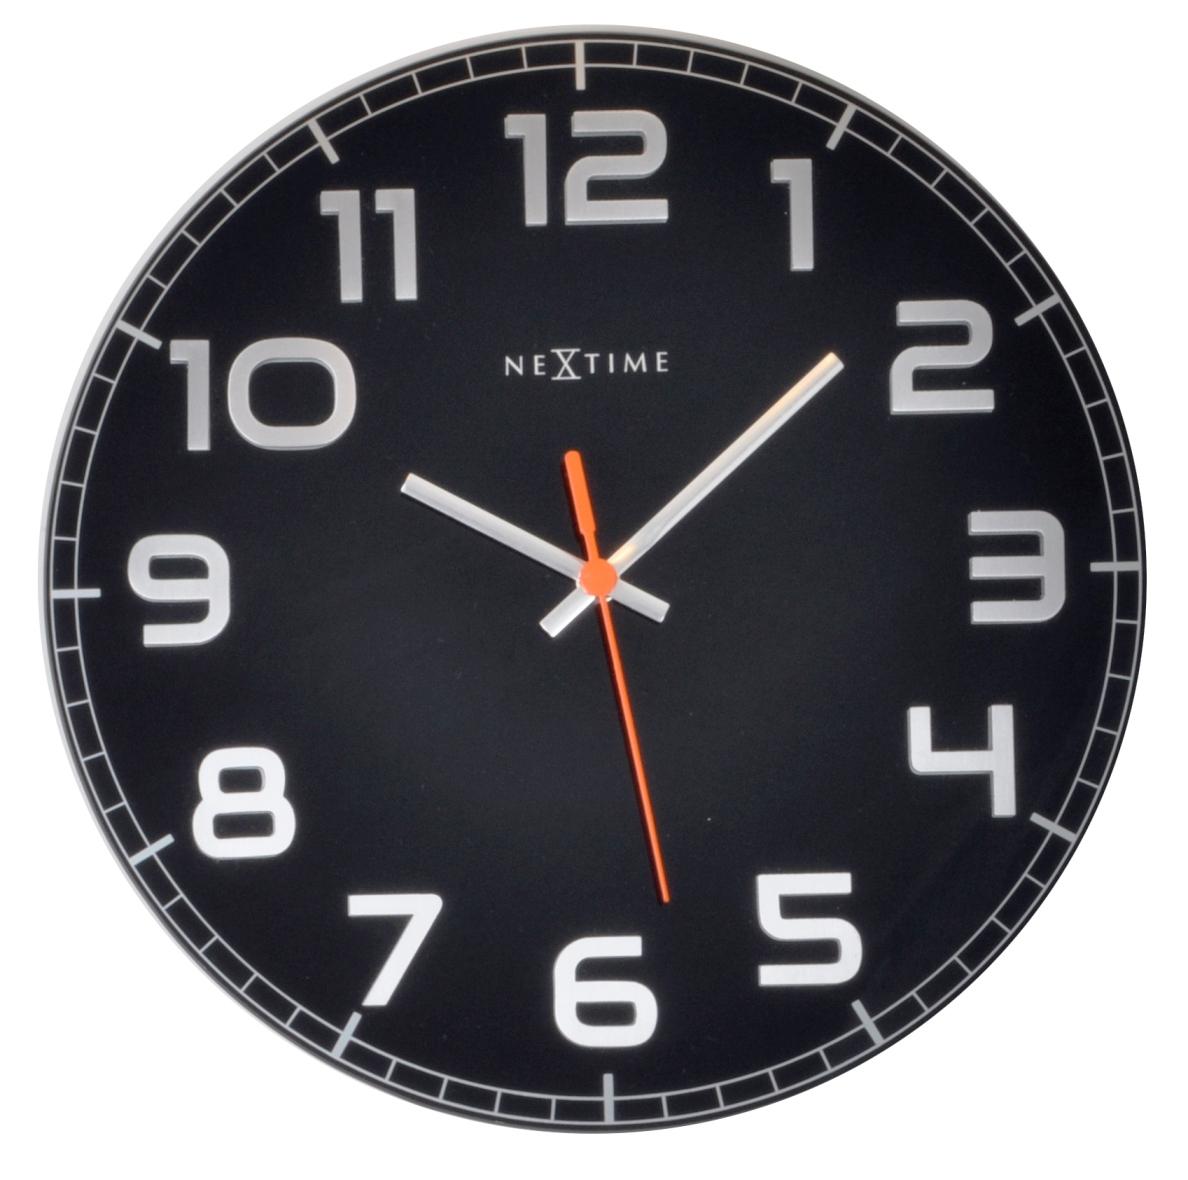 Nástěnné hodiny Classy round 30 cm černé - NEXTIME